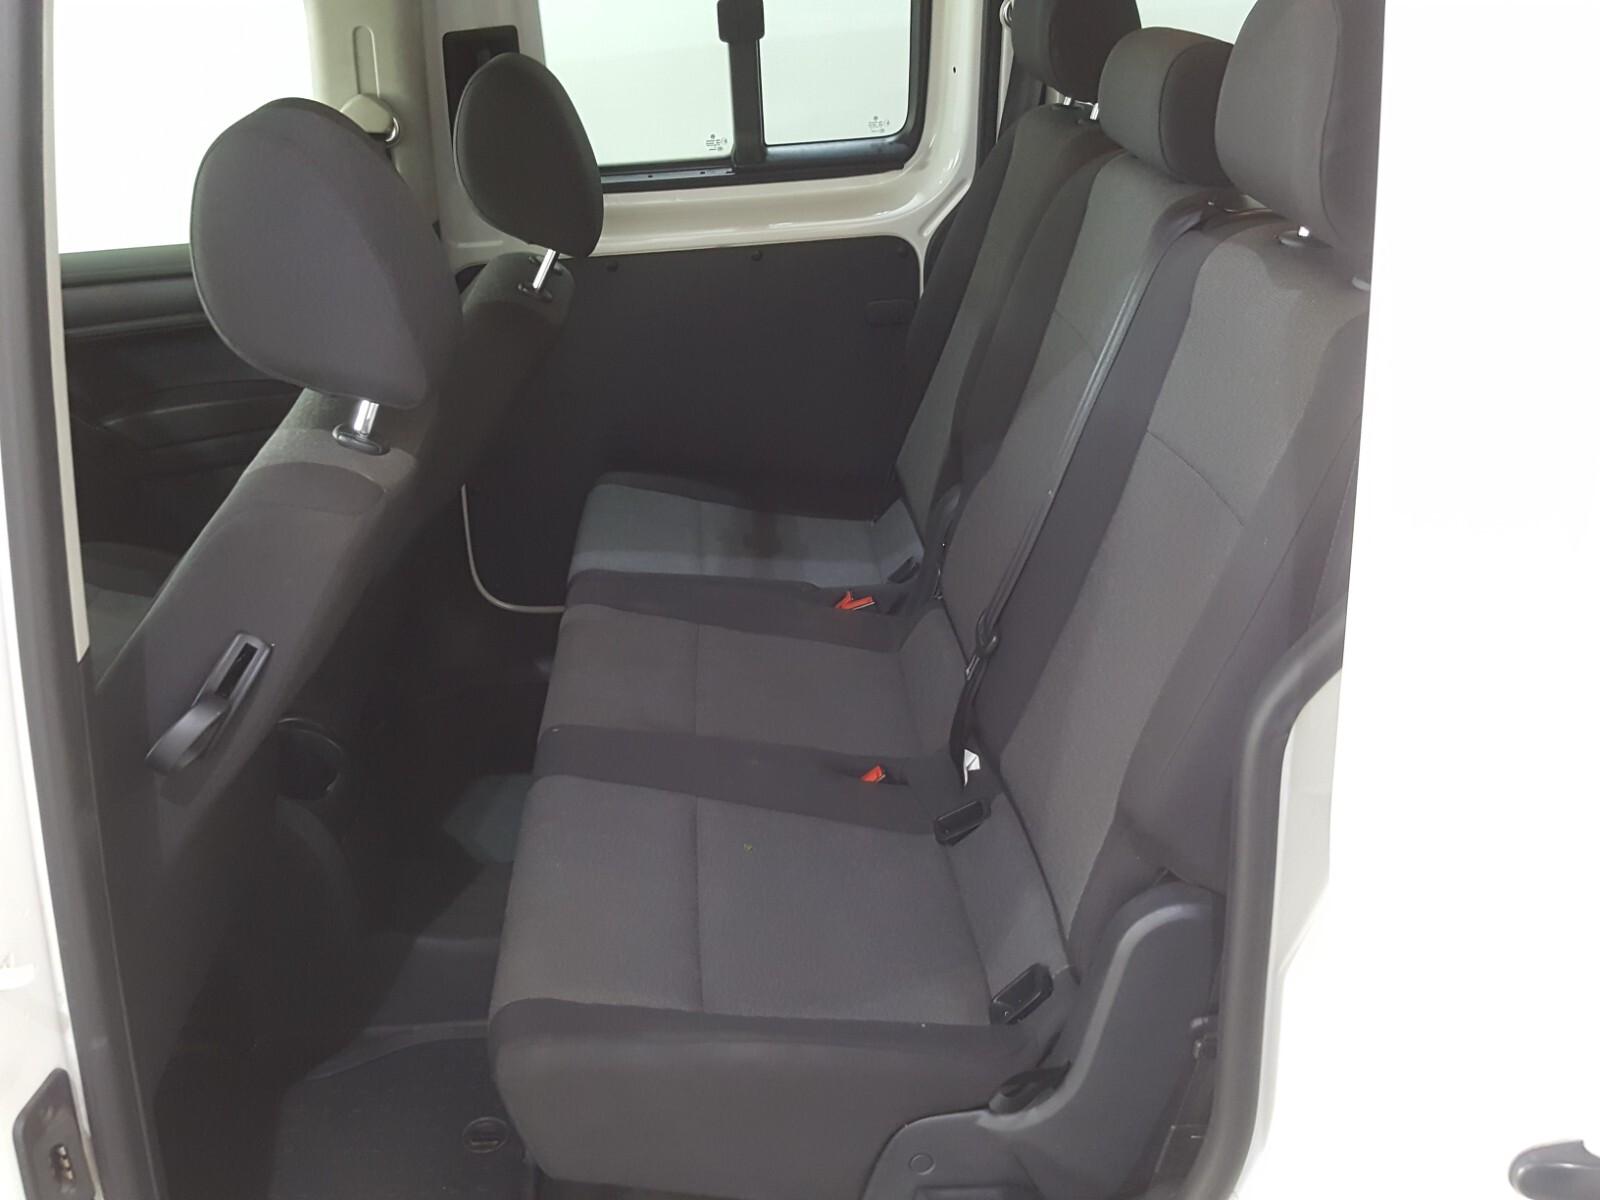 VOLKSWAGEN CREWBUS 1.6i  (7 SEAT) Roodepoort 7330266